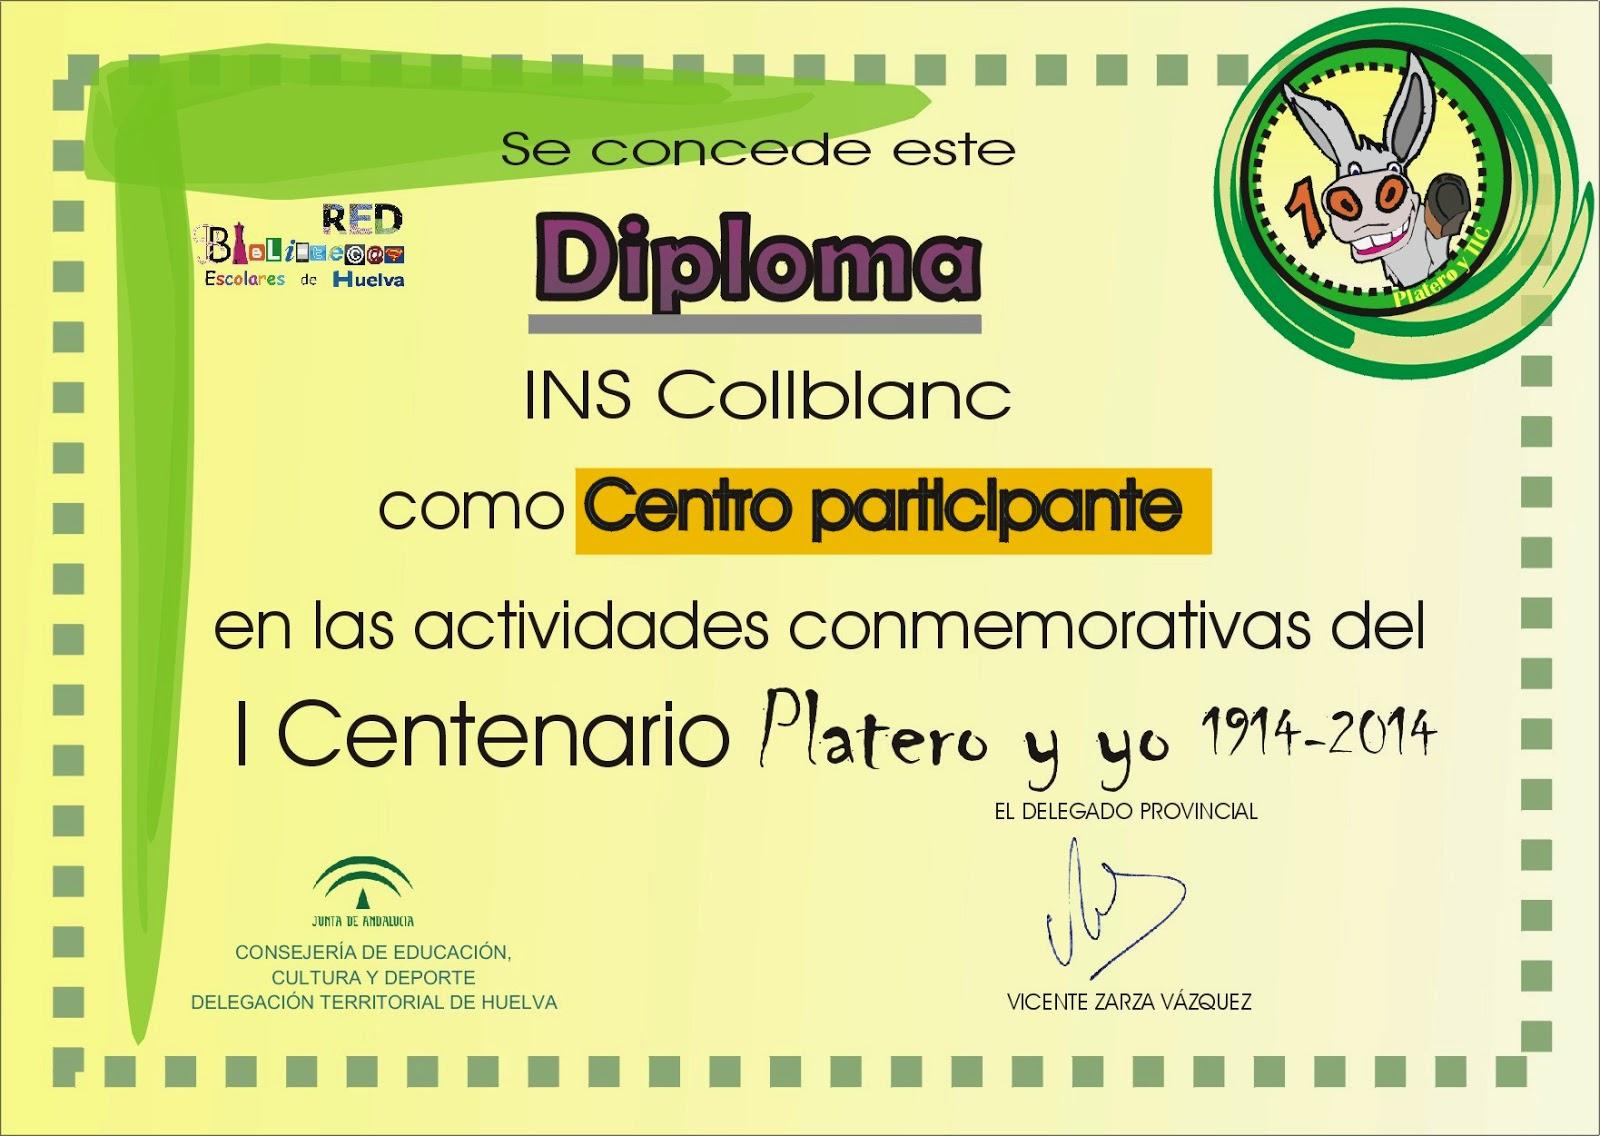 Diploma participación proyecto Platero y TIC